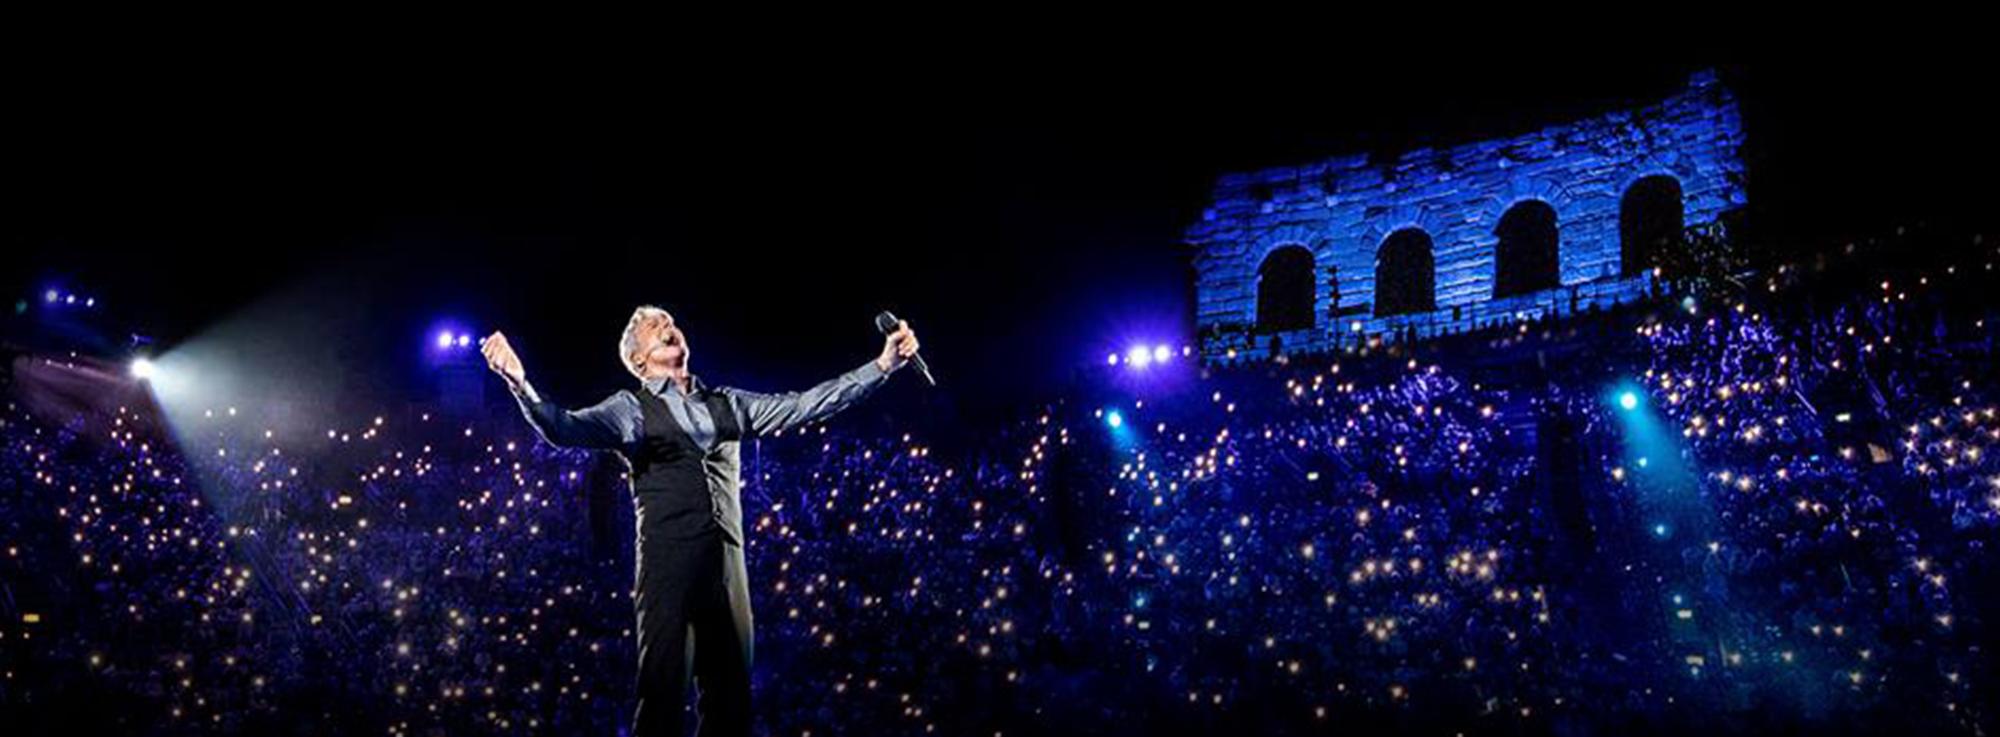 Bari: Claudio Baglioni in concerto, Al Centro Tour